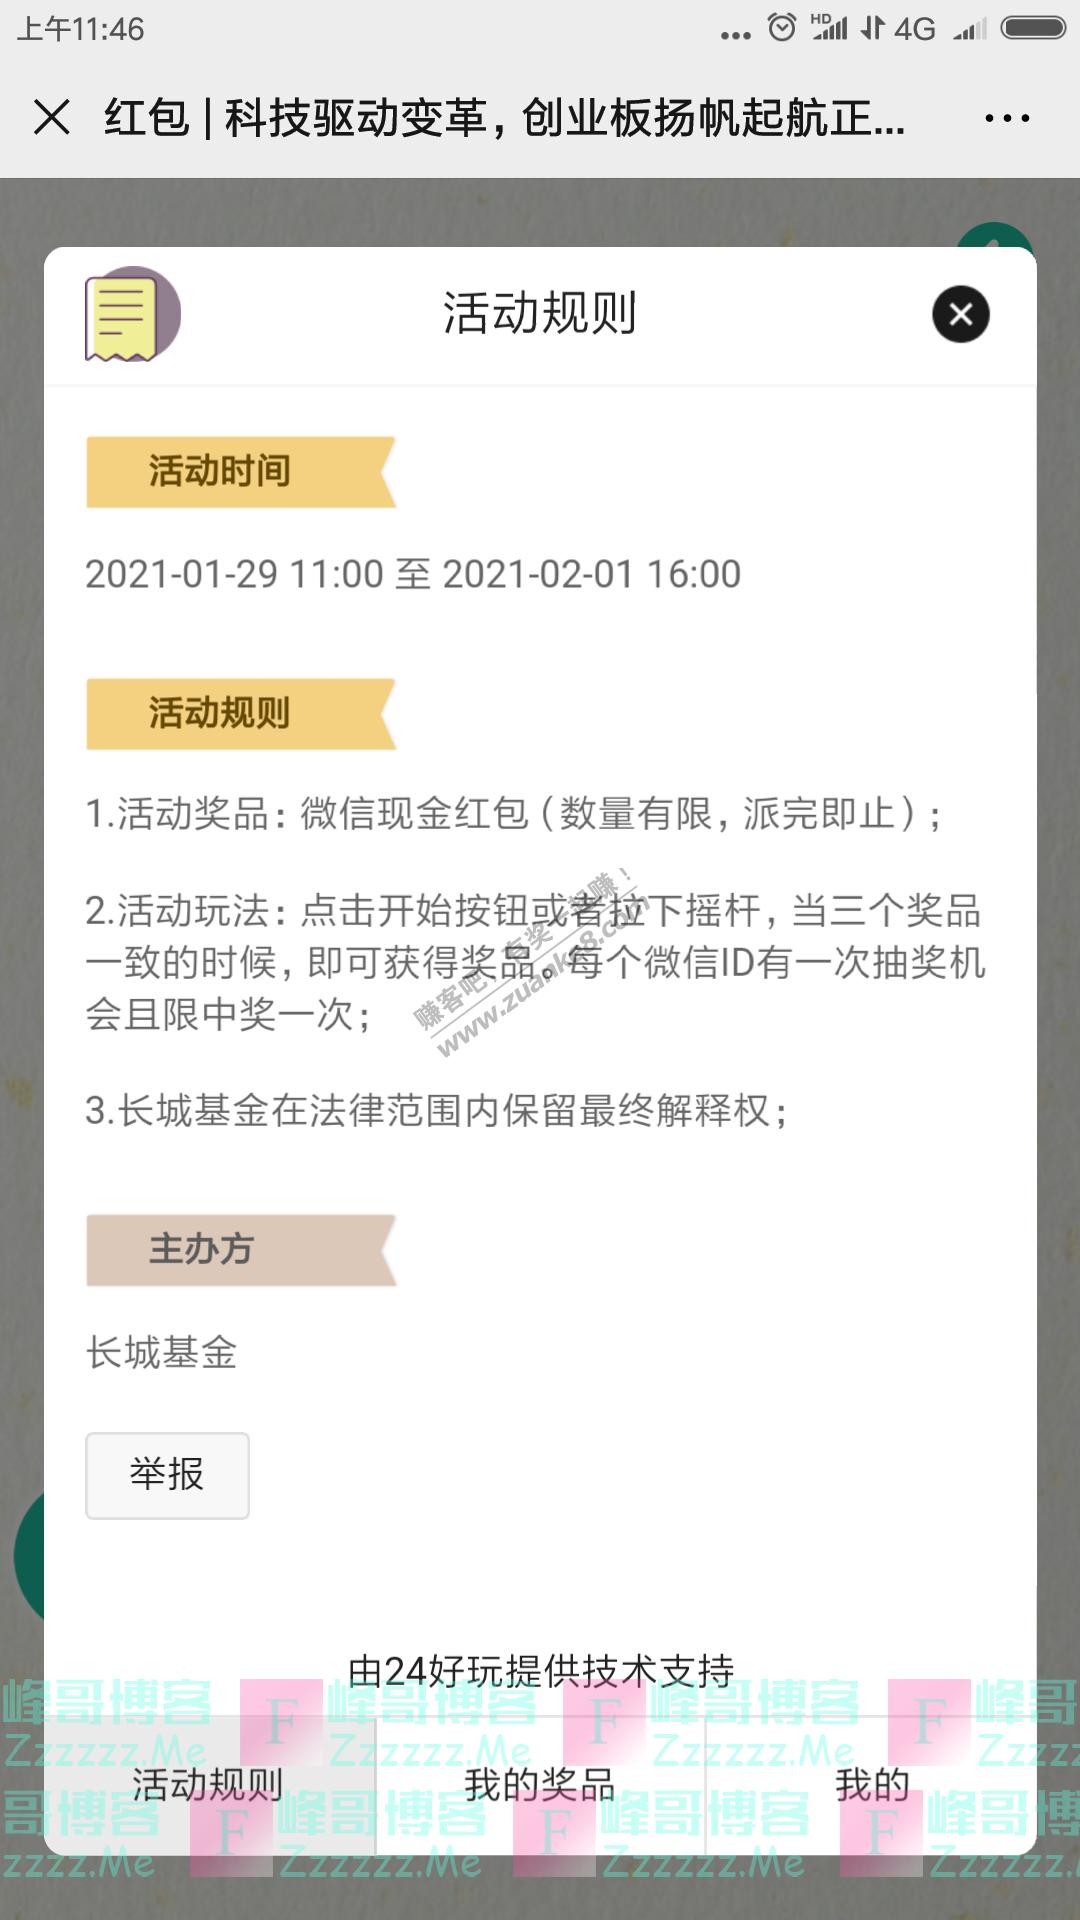 长城基金红包 | 科技驱动变革(2月1日截止)